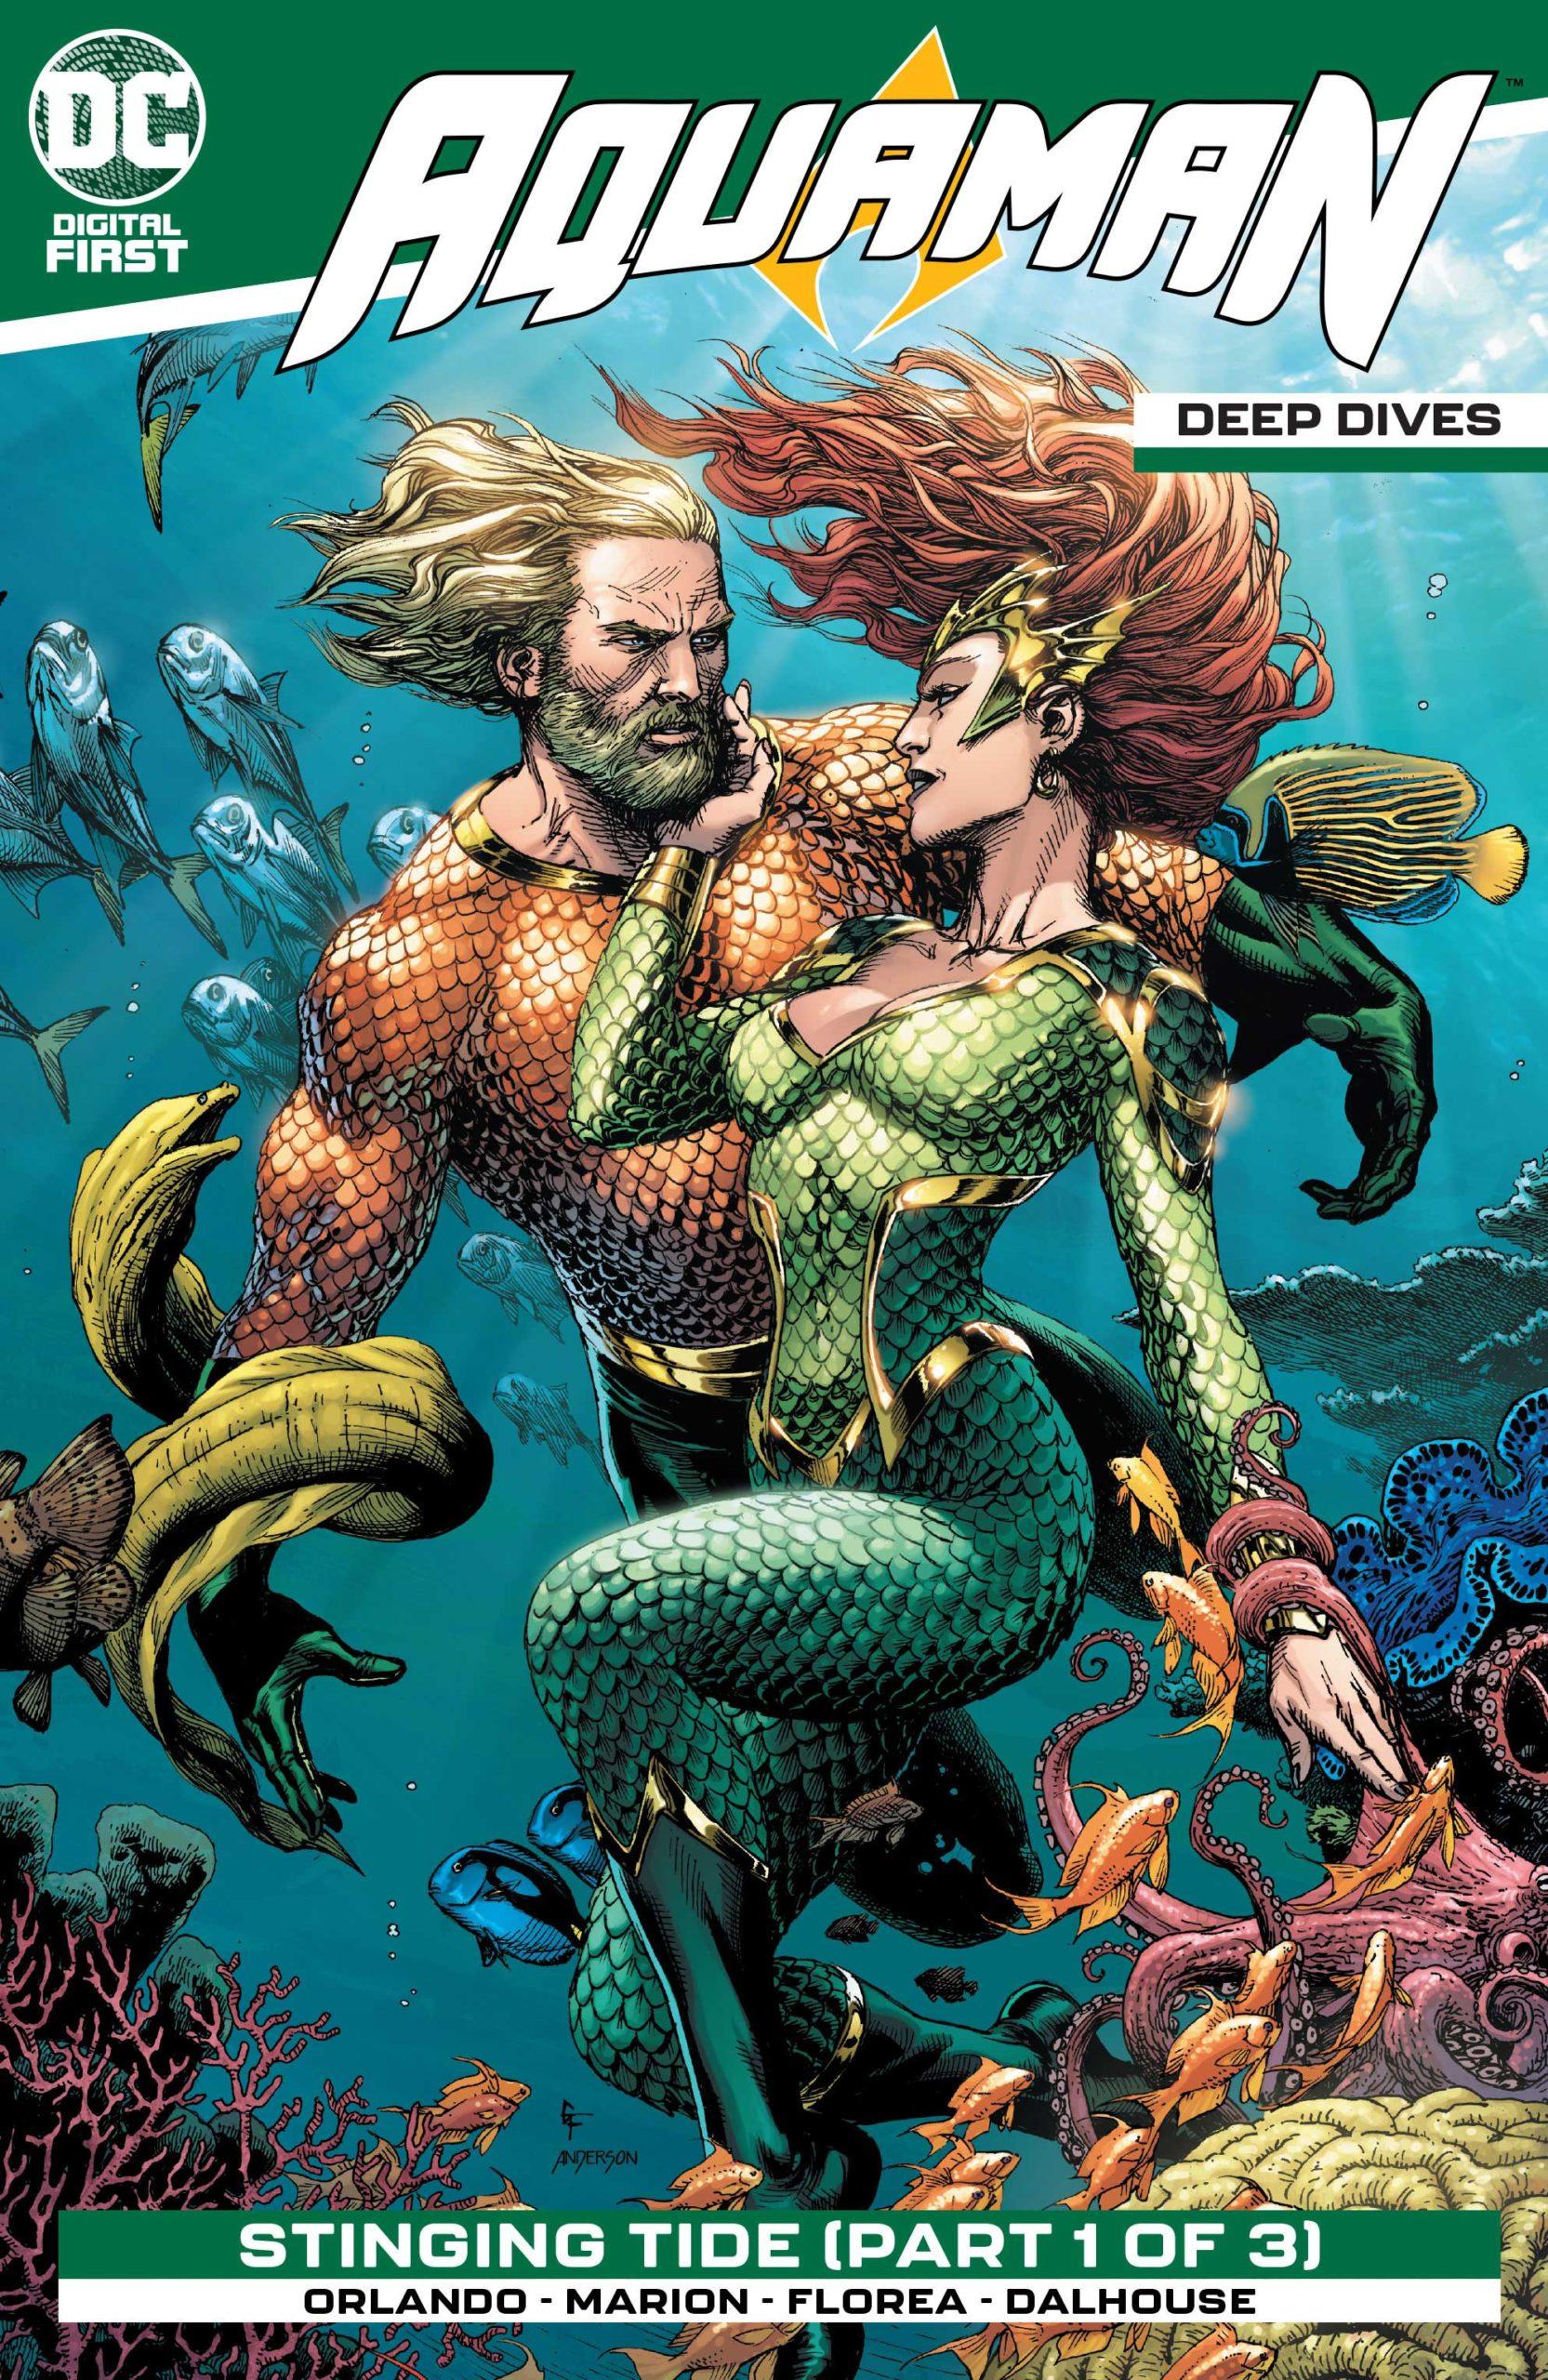 Aquaman: Deep Dives #5